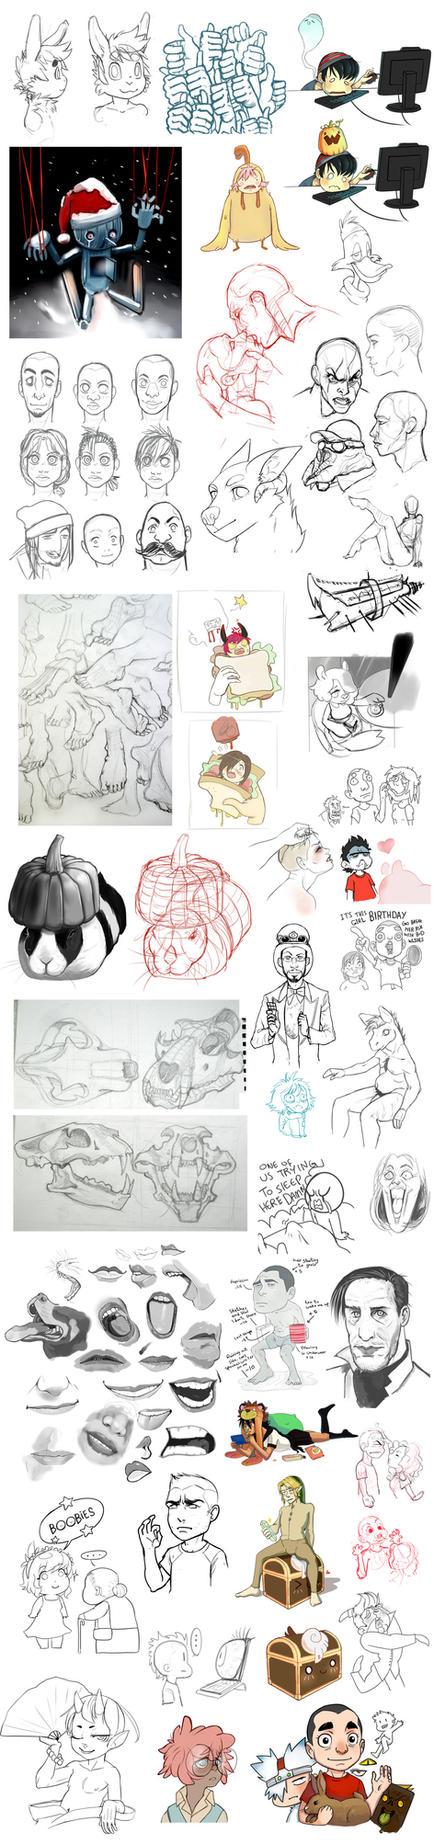 Tumblr Dump 2013 - 2014 by Tai-Porto